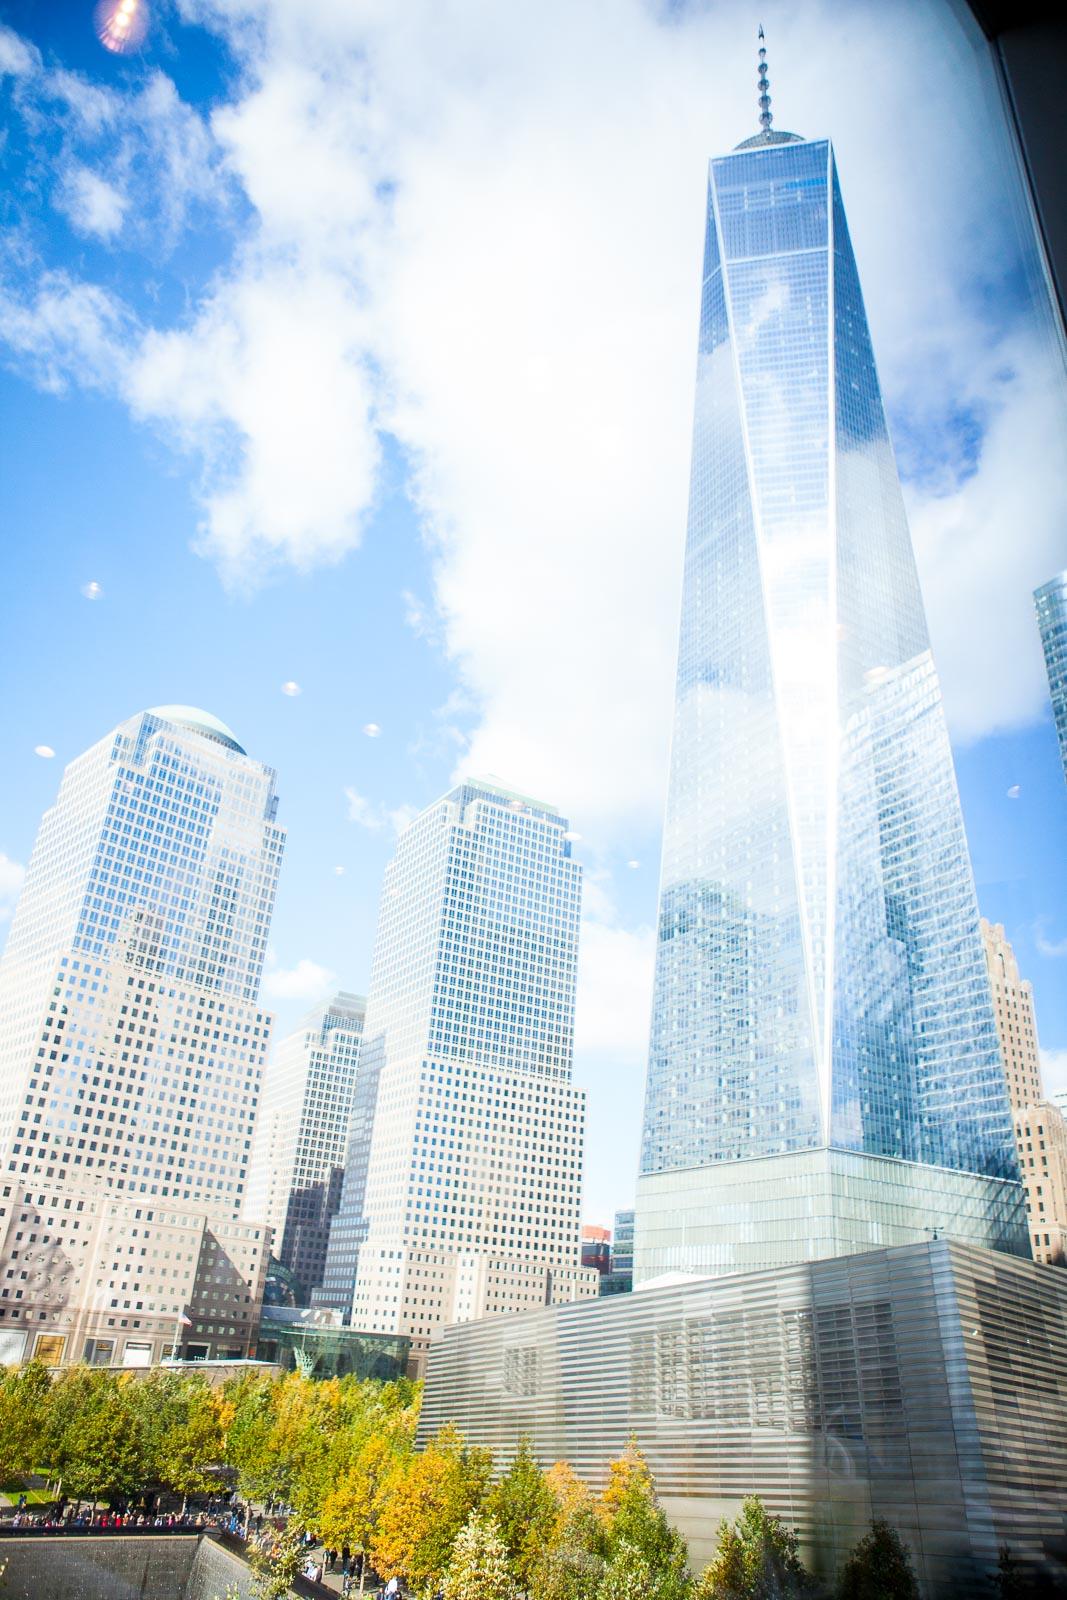 freedom-tower-nyc-robertiaga-13